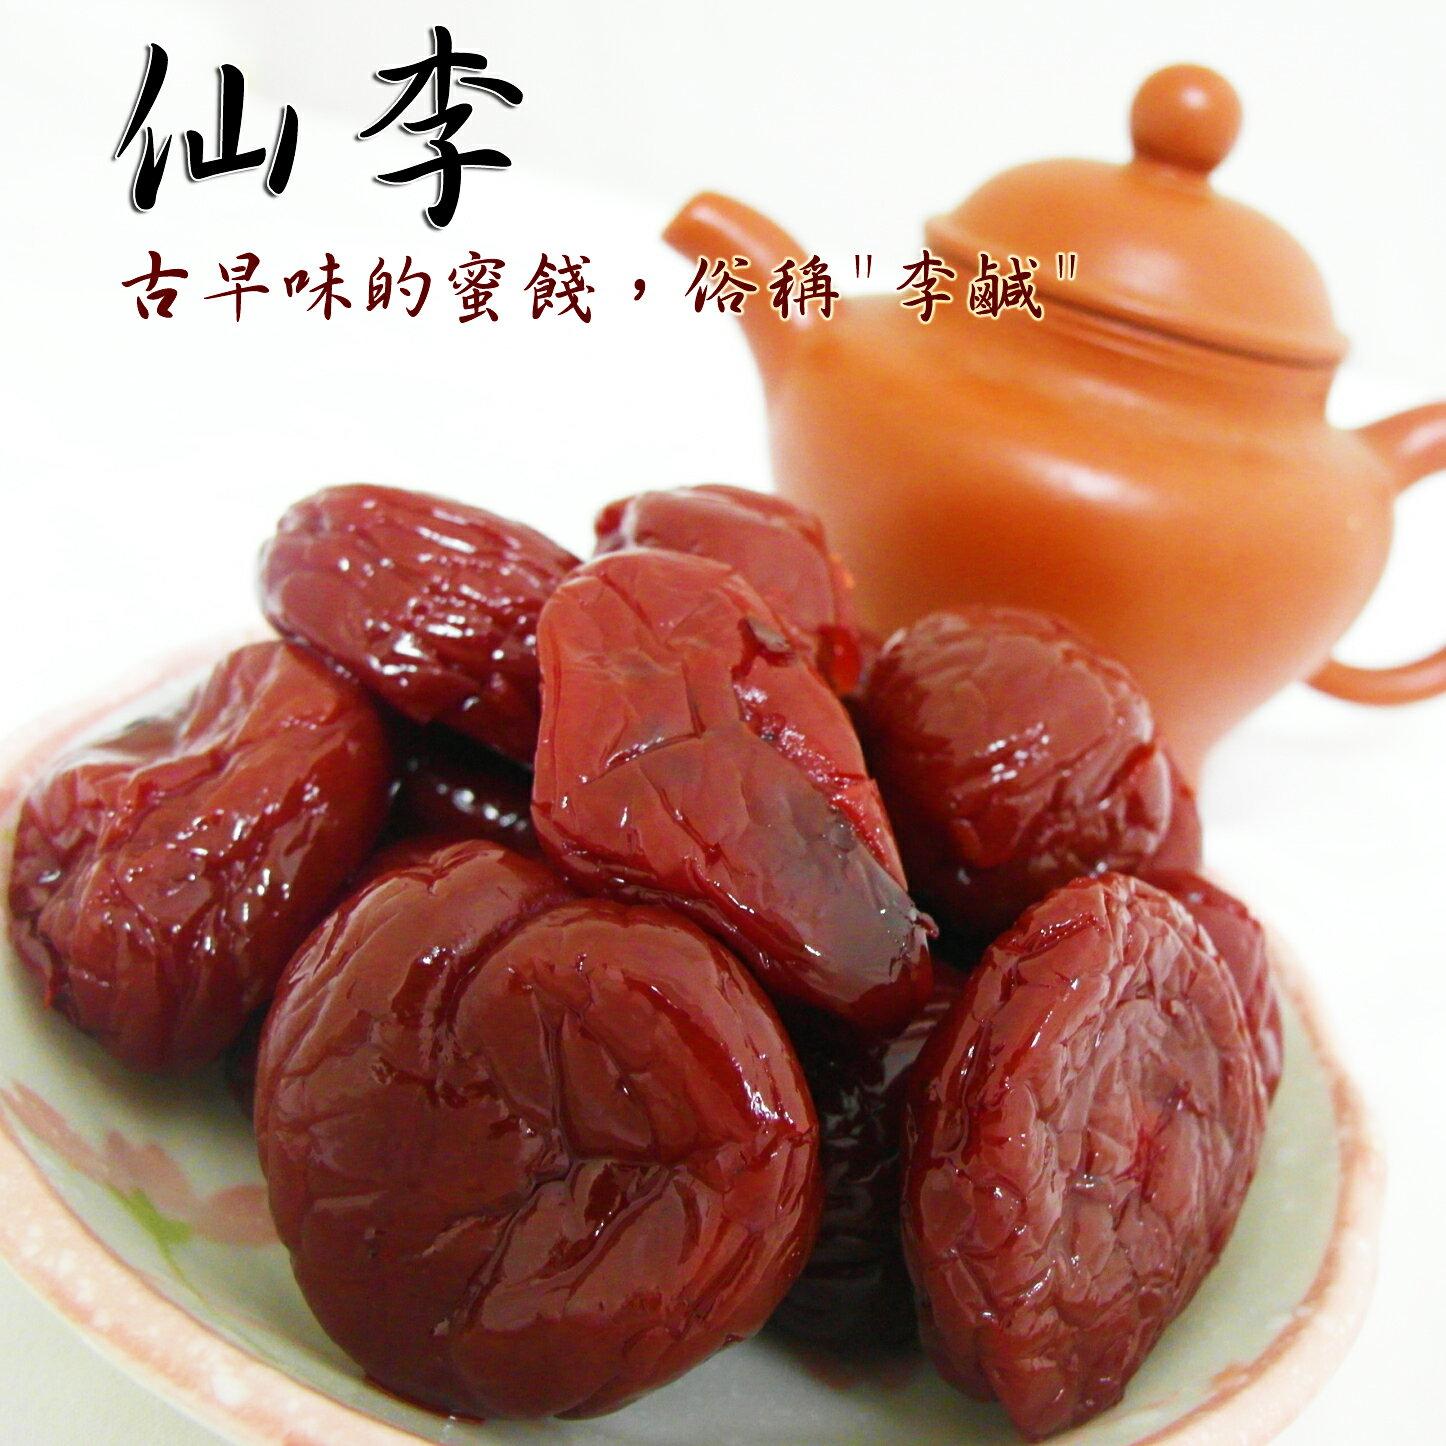 仙李 蜜餞 果乾 梅子 茶梅 李子 200克 【正心堂花草茶】